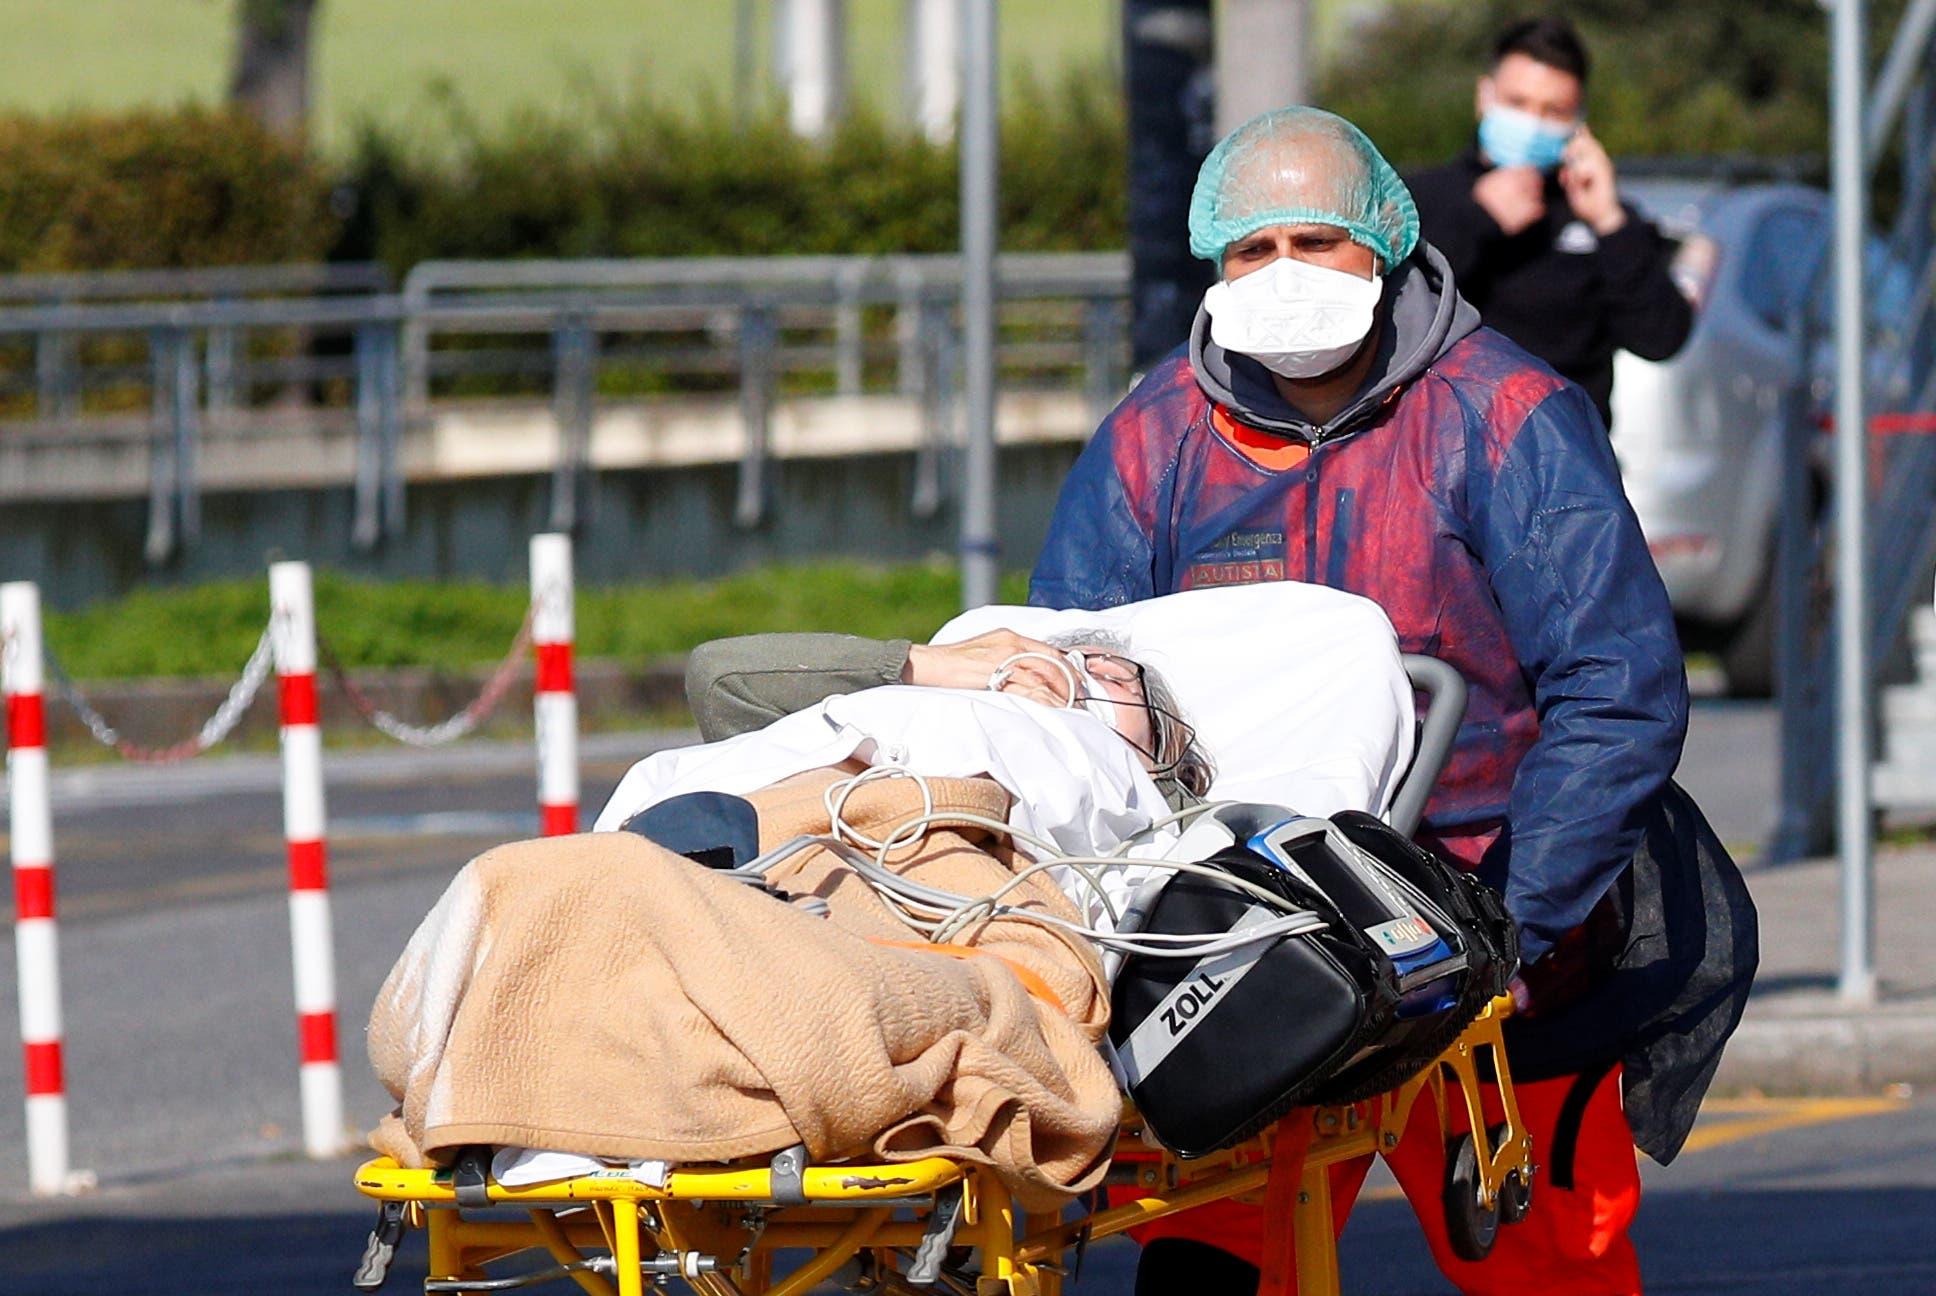 أحد العاملين بالرعاية الصحية ينقل مريضا في روما (أرشيفية- رويترز)